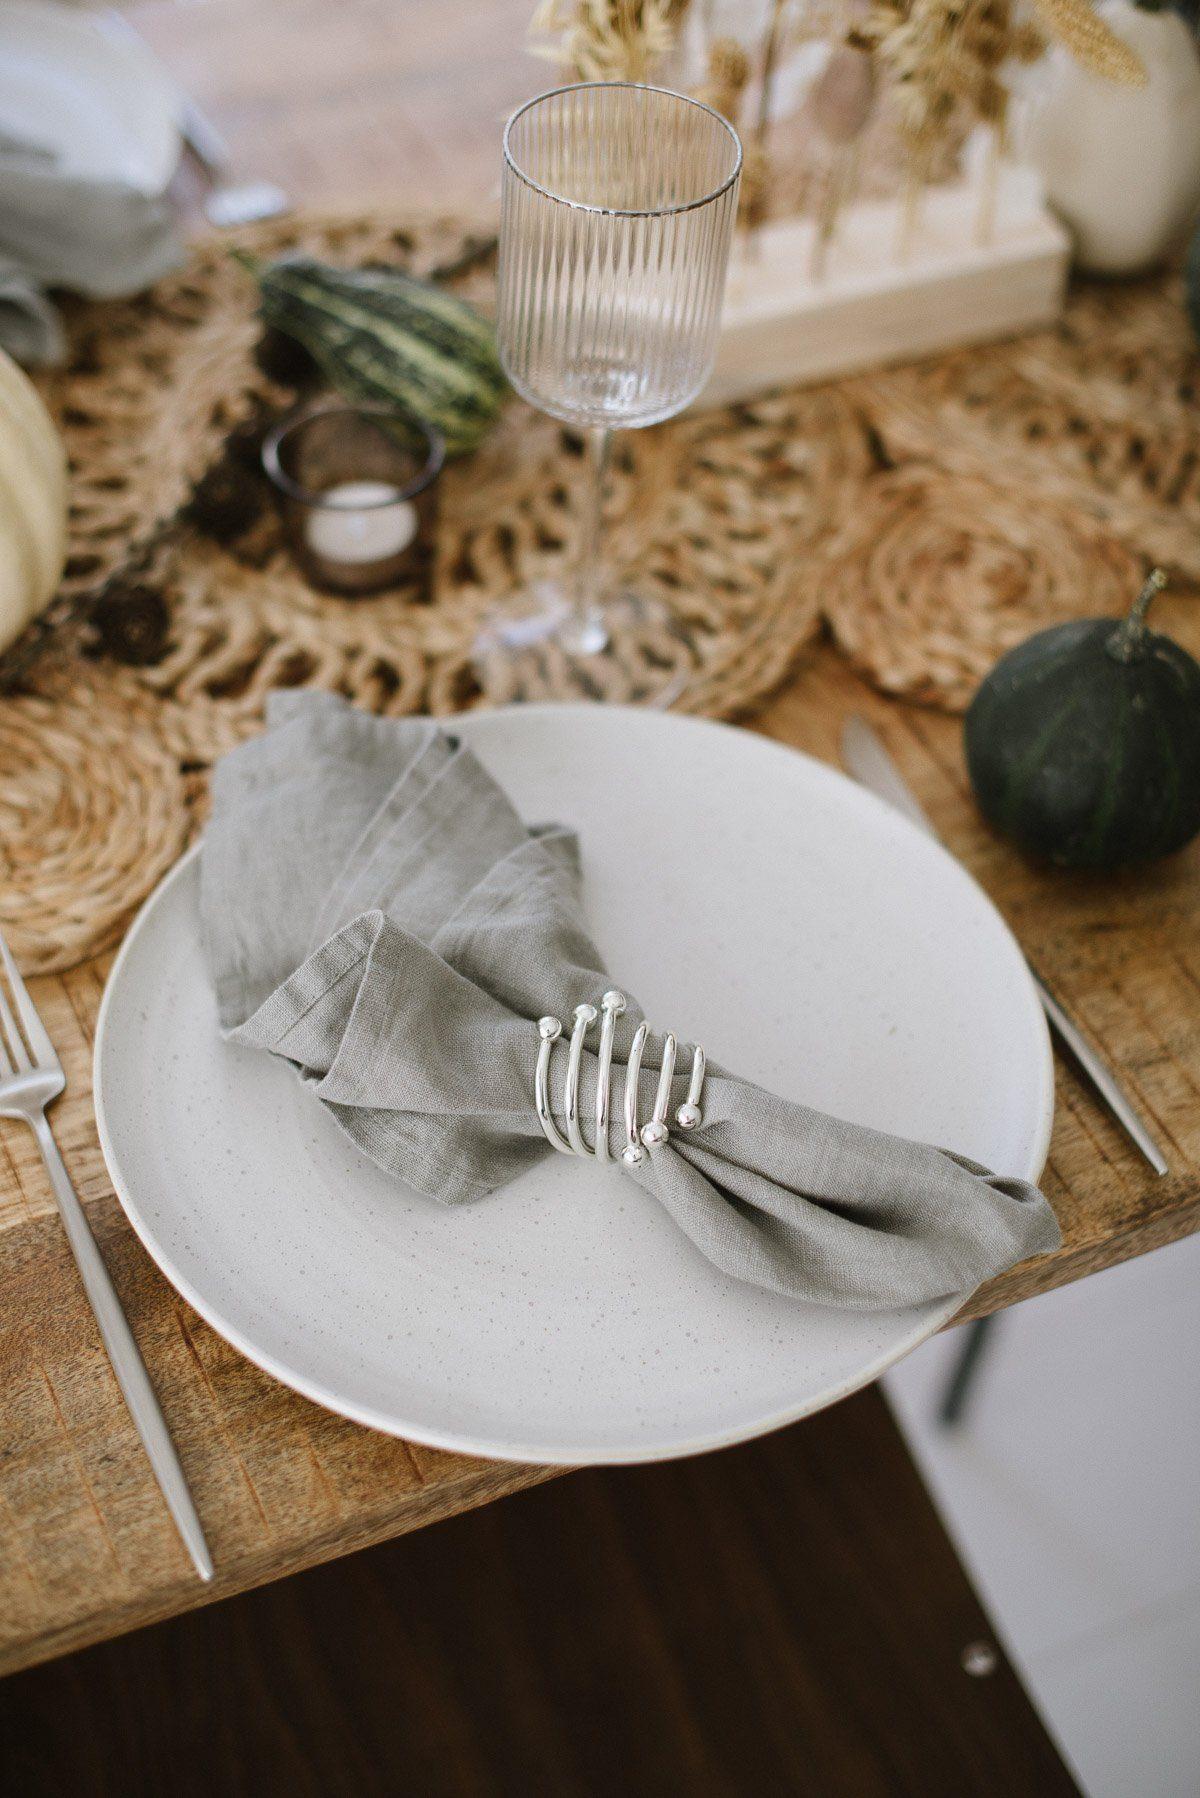 Teller auf Tisch mit Leinenserviette